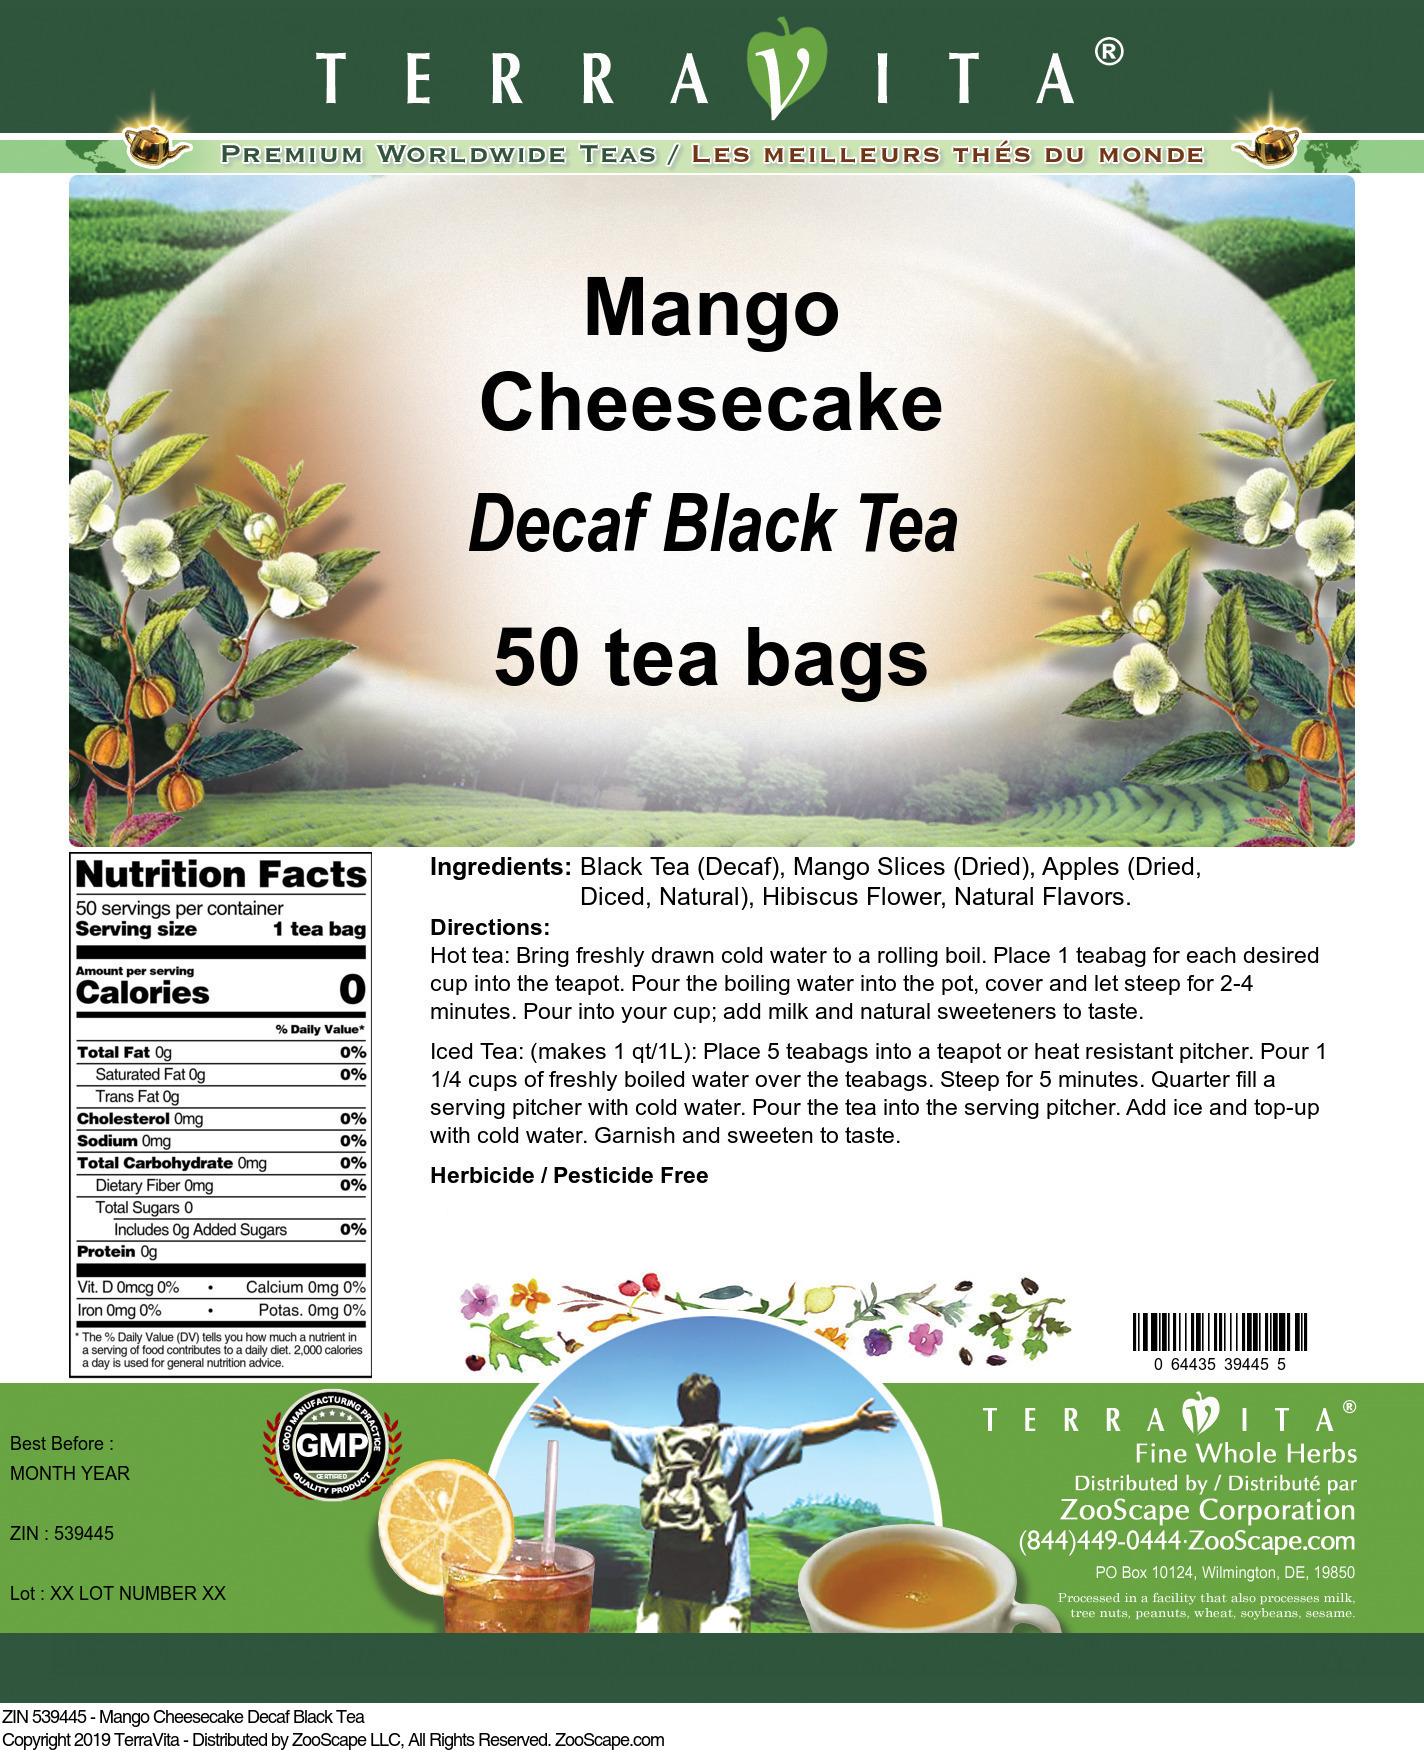 Mango Cheesecake Decaf Black Tea